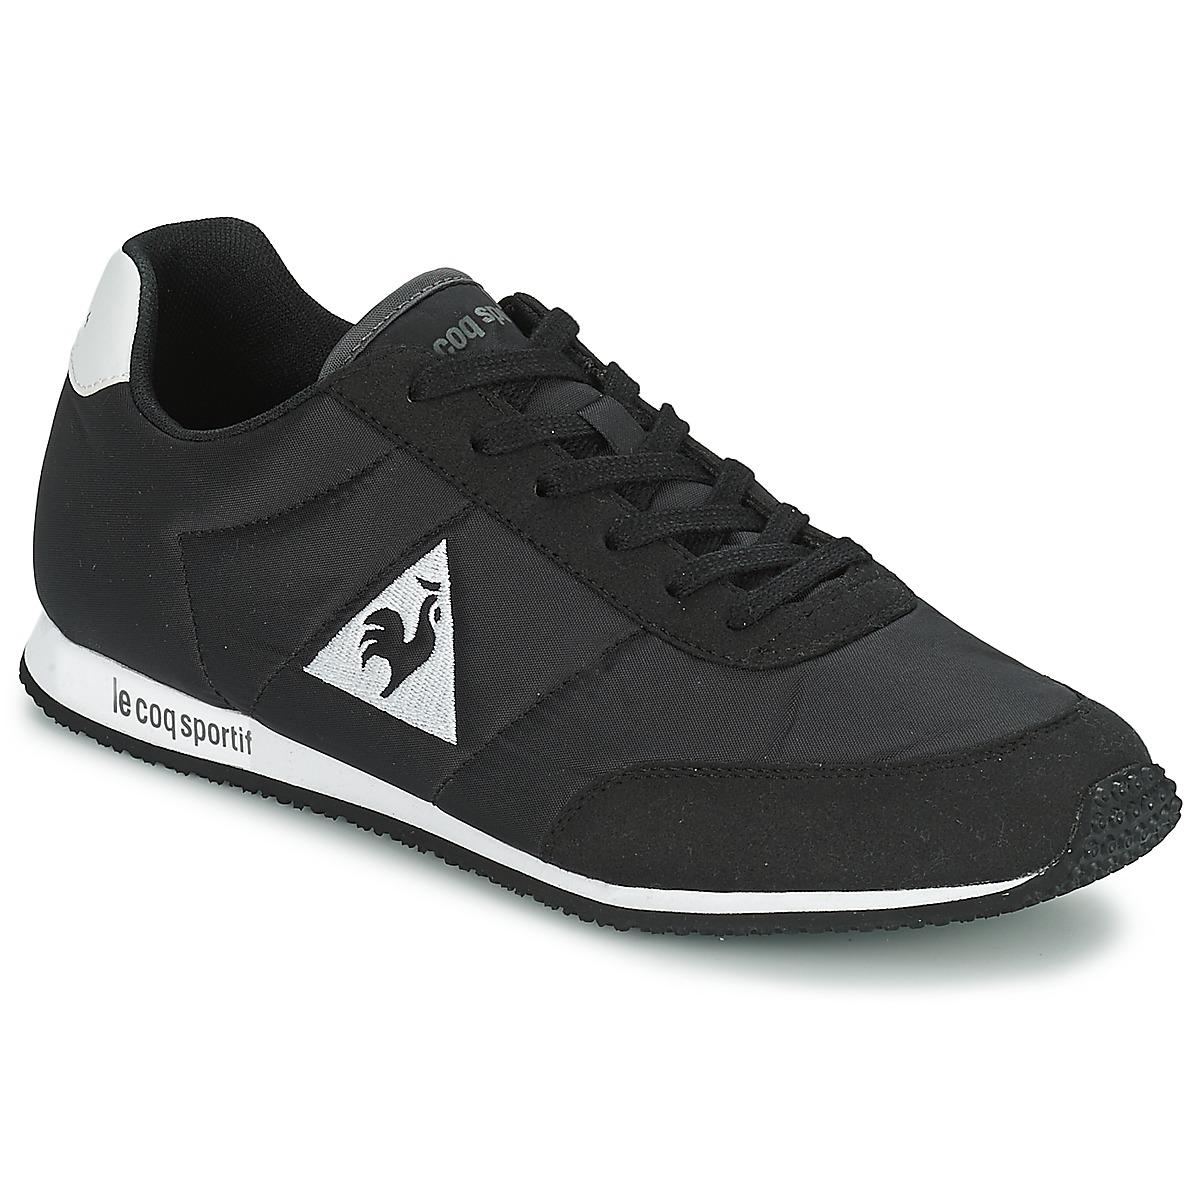 Le Coq Sportif Chaussure Noire